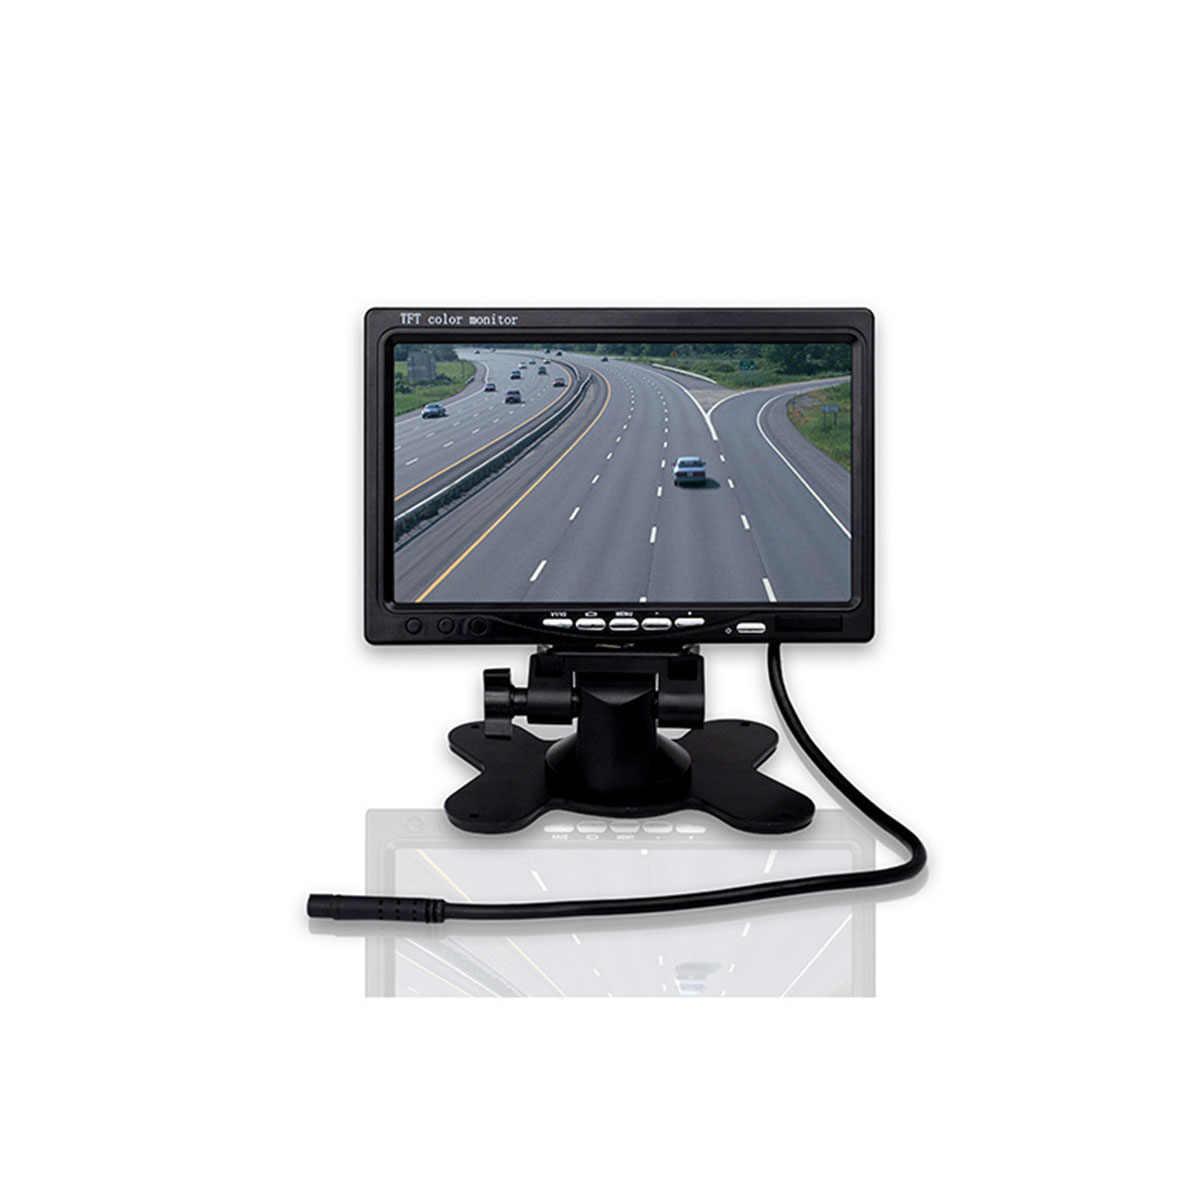 """7 """"TFT-LCD اللون 2 فيديو المدخلات سيارة الرؤية الخلفية 12 فولت مسند الرأس سيارة مراقب 7 بوصة DVD VCR مراقب مع IR تحكم عن بعد و حامل A3"""